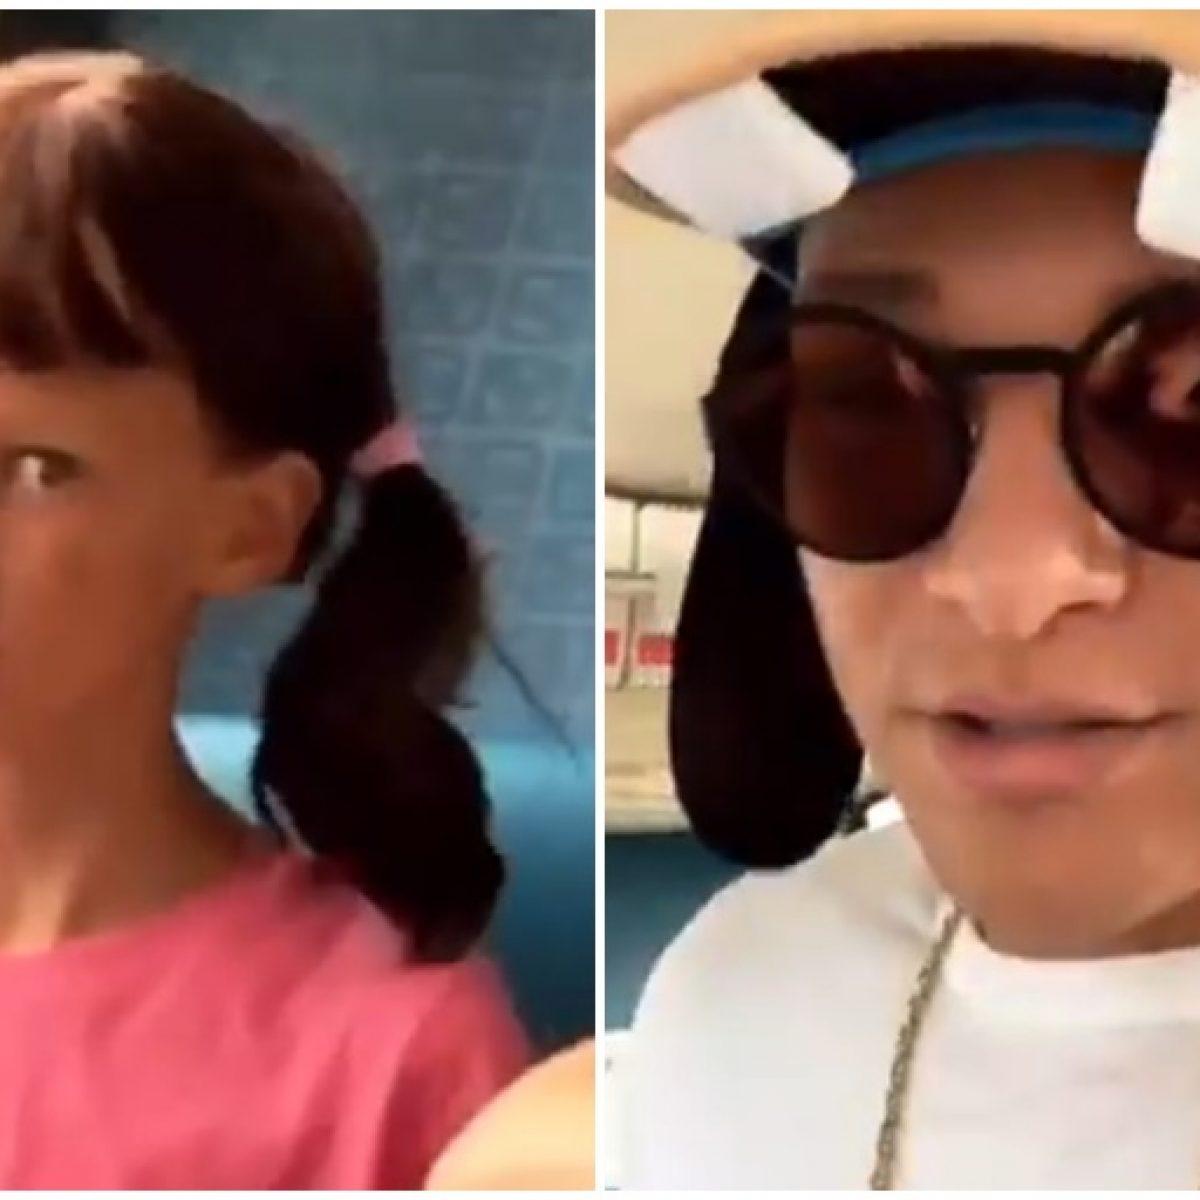 Funkeiro Mc Gui E Acusado De Humilhar Crianca Na Disney Em Video A carreira de cantor de funk surgiu por uma brincadeira. funkeiro mc gui e acusado de humilhar